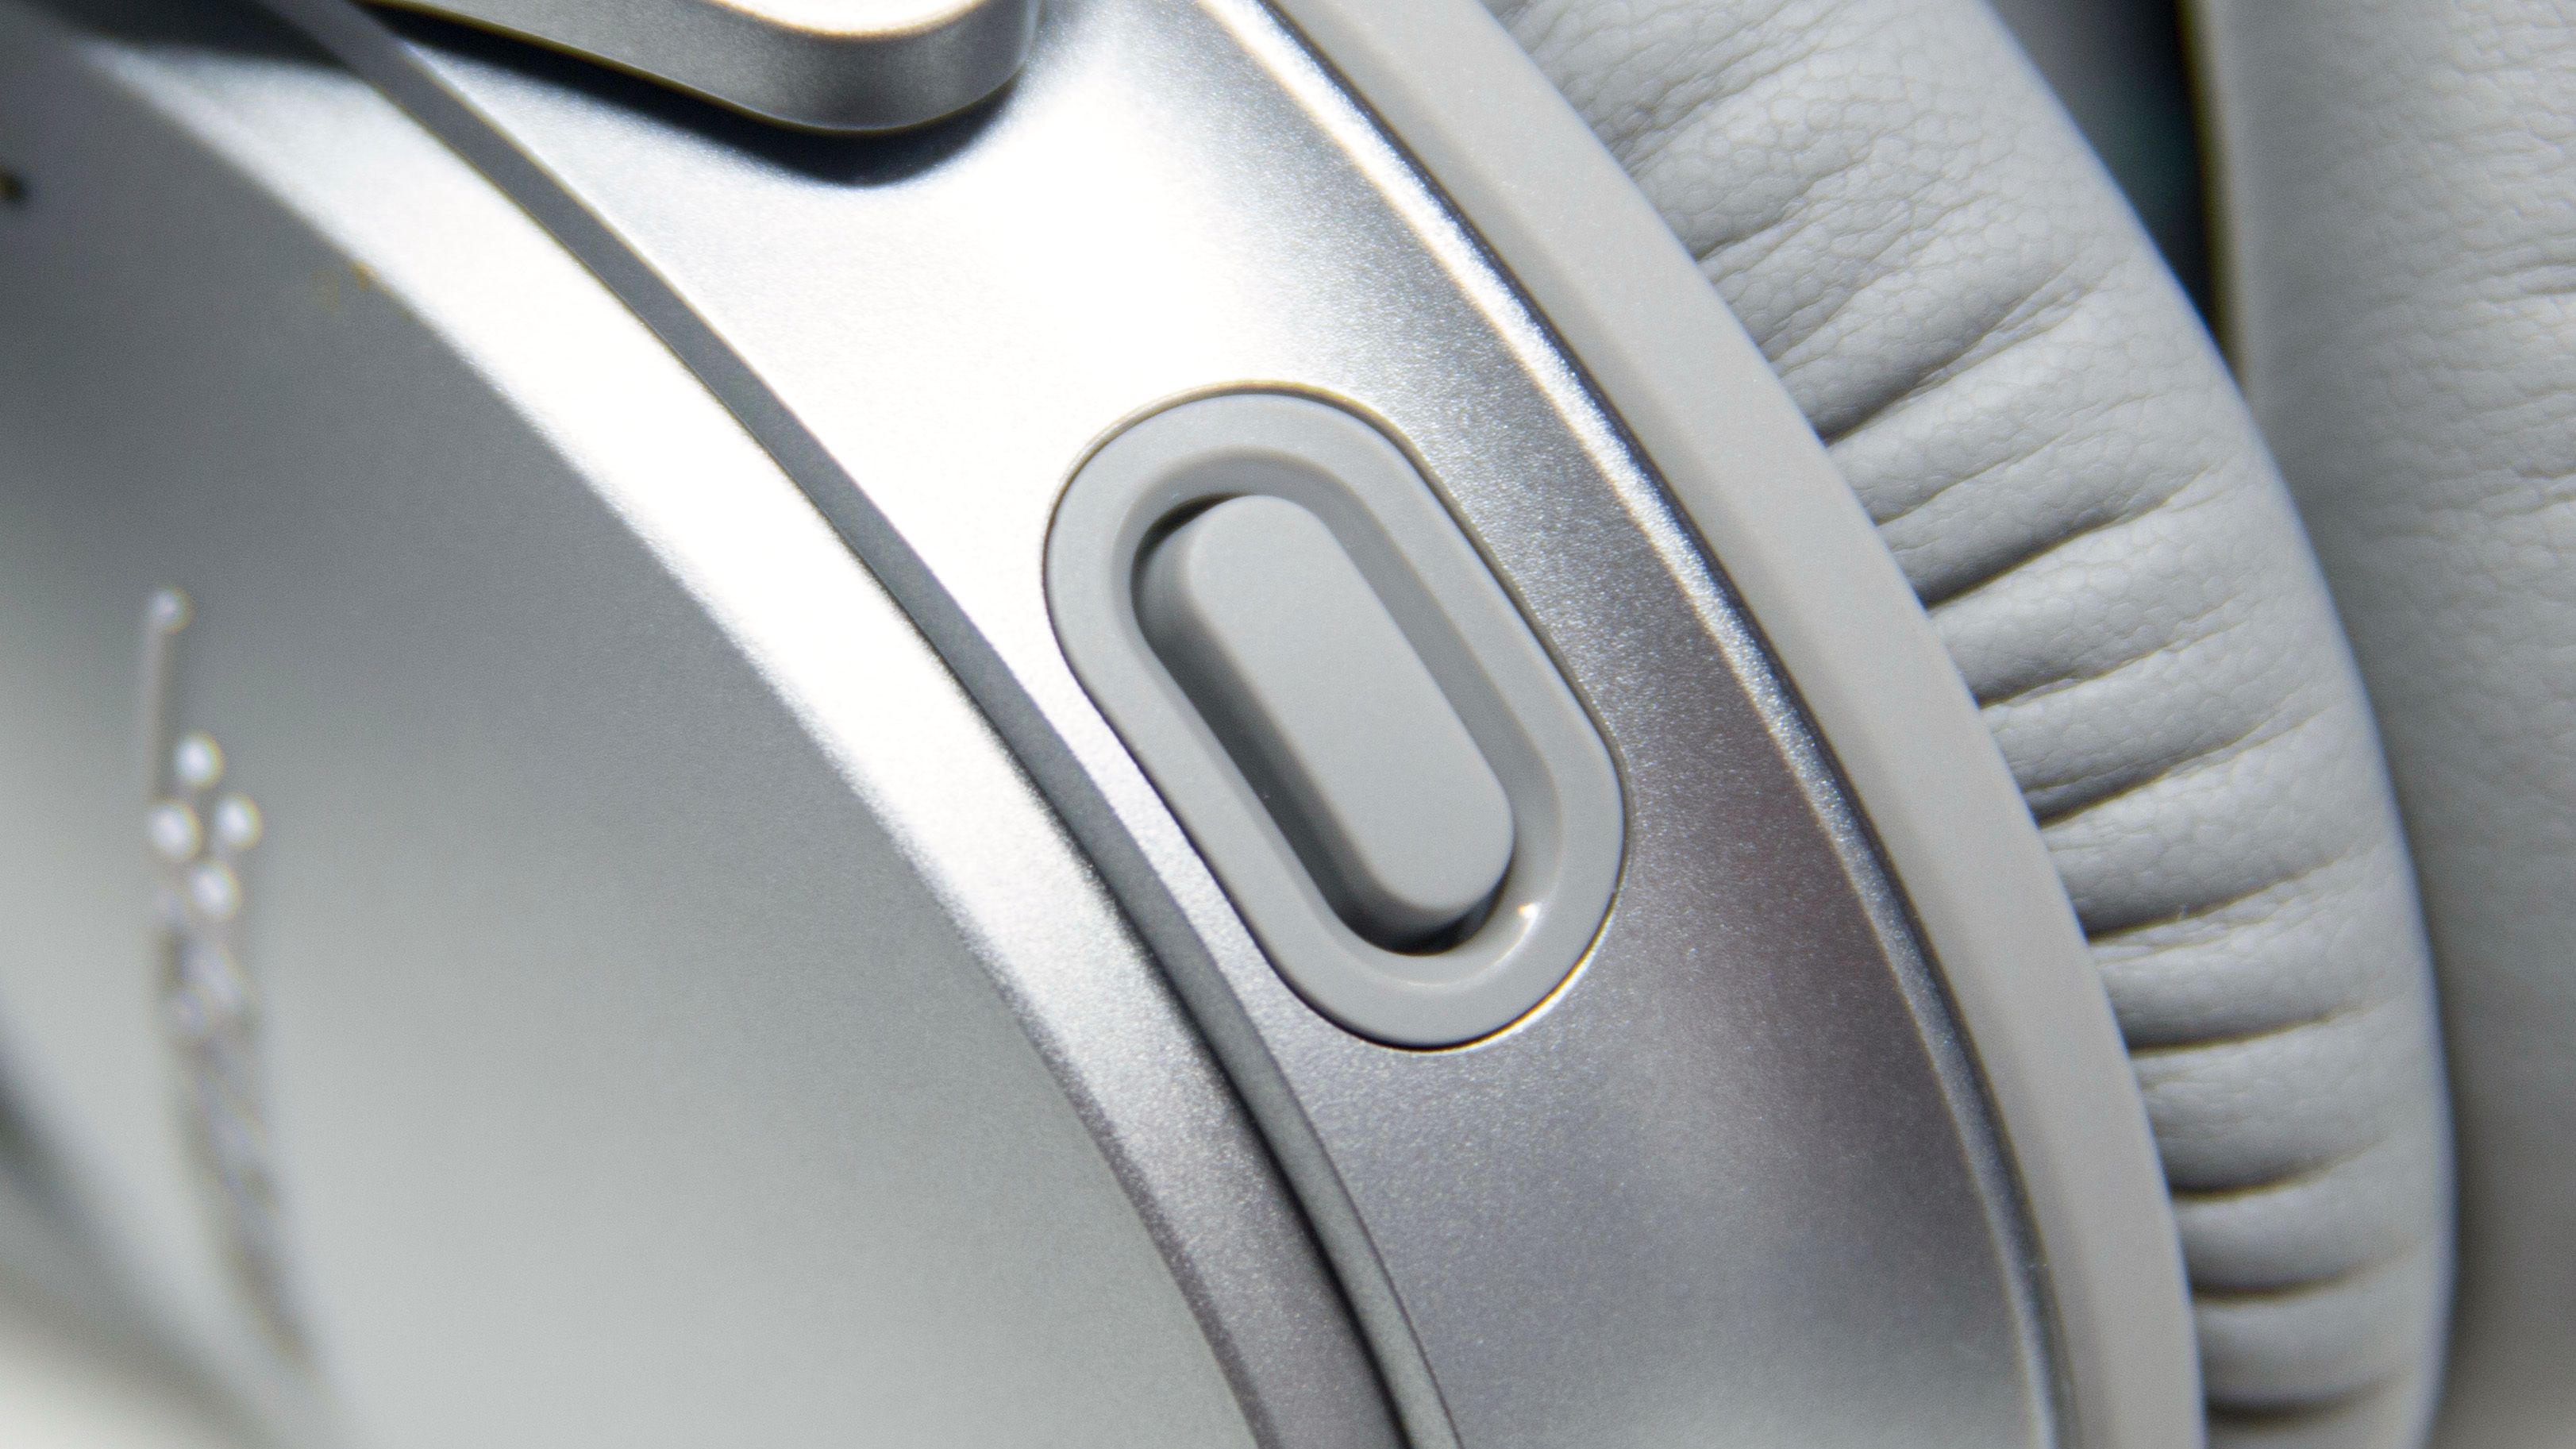 Denne knappen er i stort sett det som skiller den nye og gamle versjonen av QC35. Bilde: Ole Henrik Johansen / Tek.no